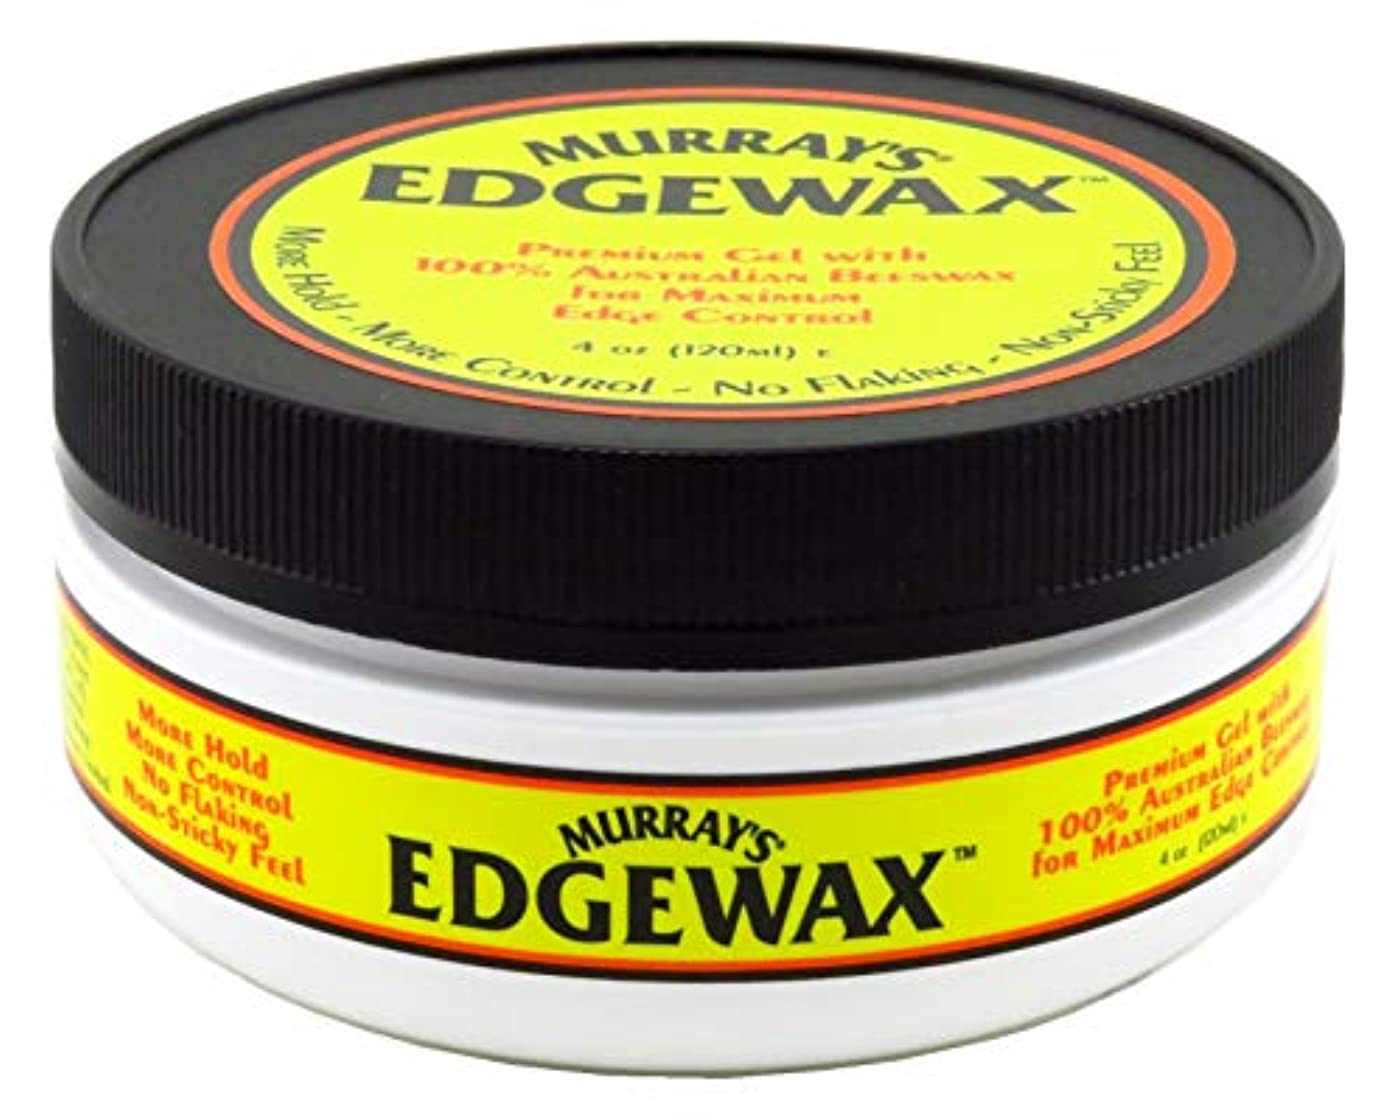 ビジョン発生器頭蓋骨Murrays マレー'S Edgewax 100%オーストラリア蜜蝋、3パック